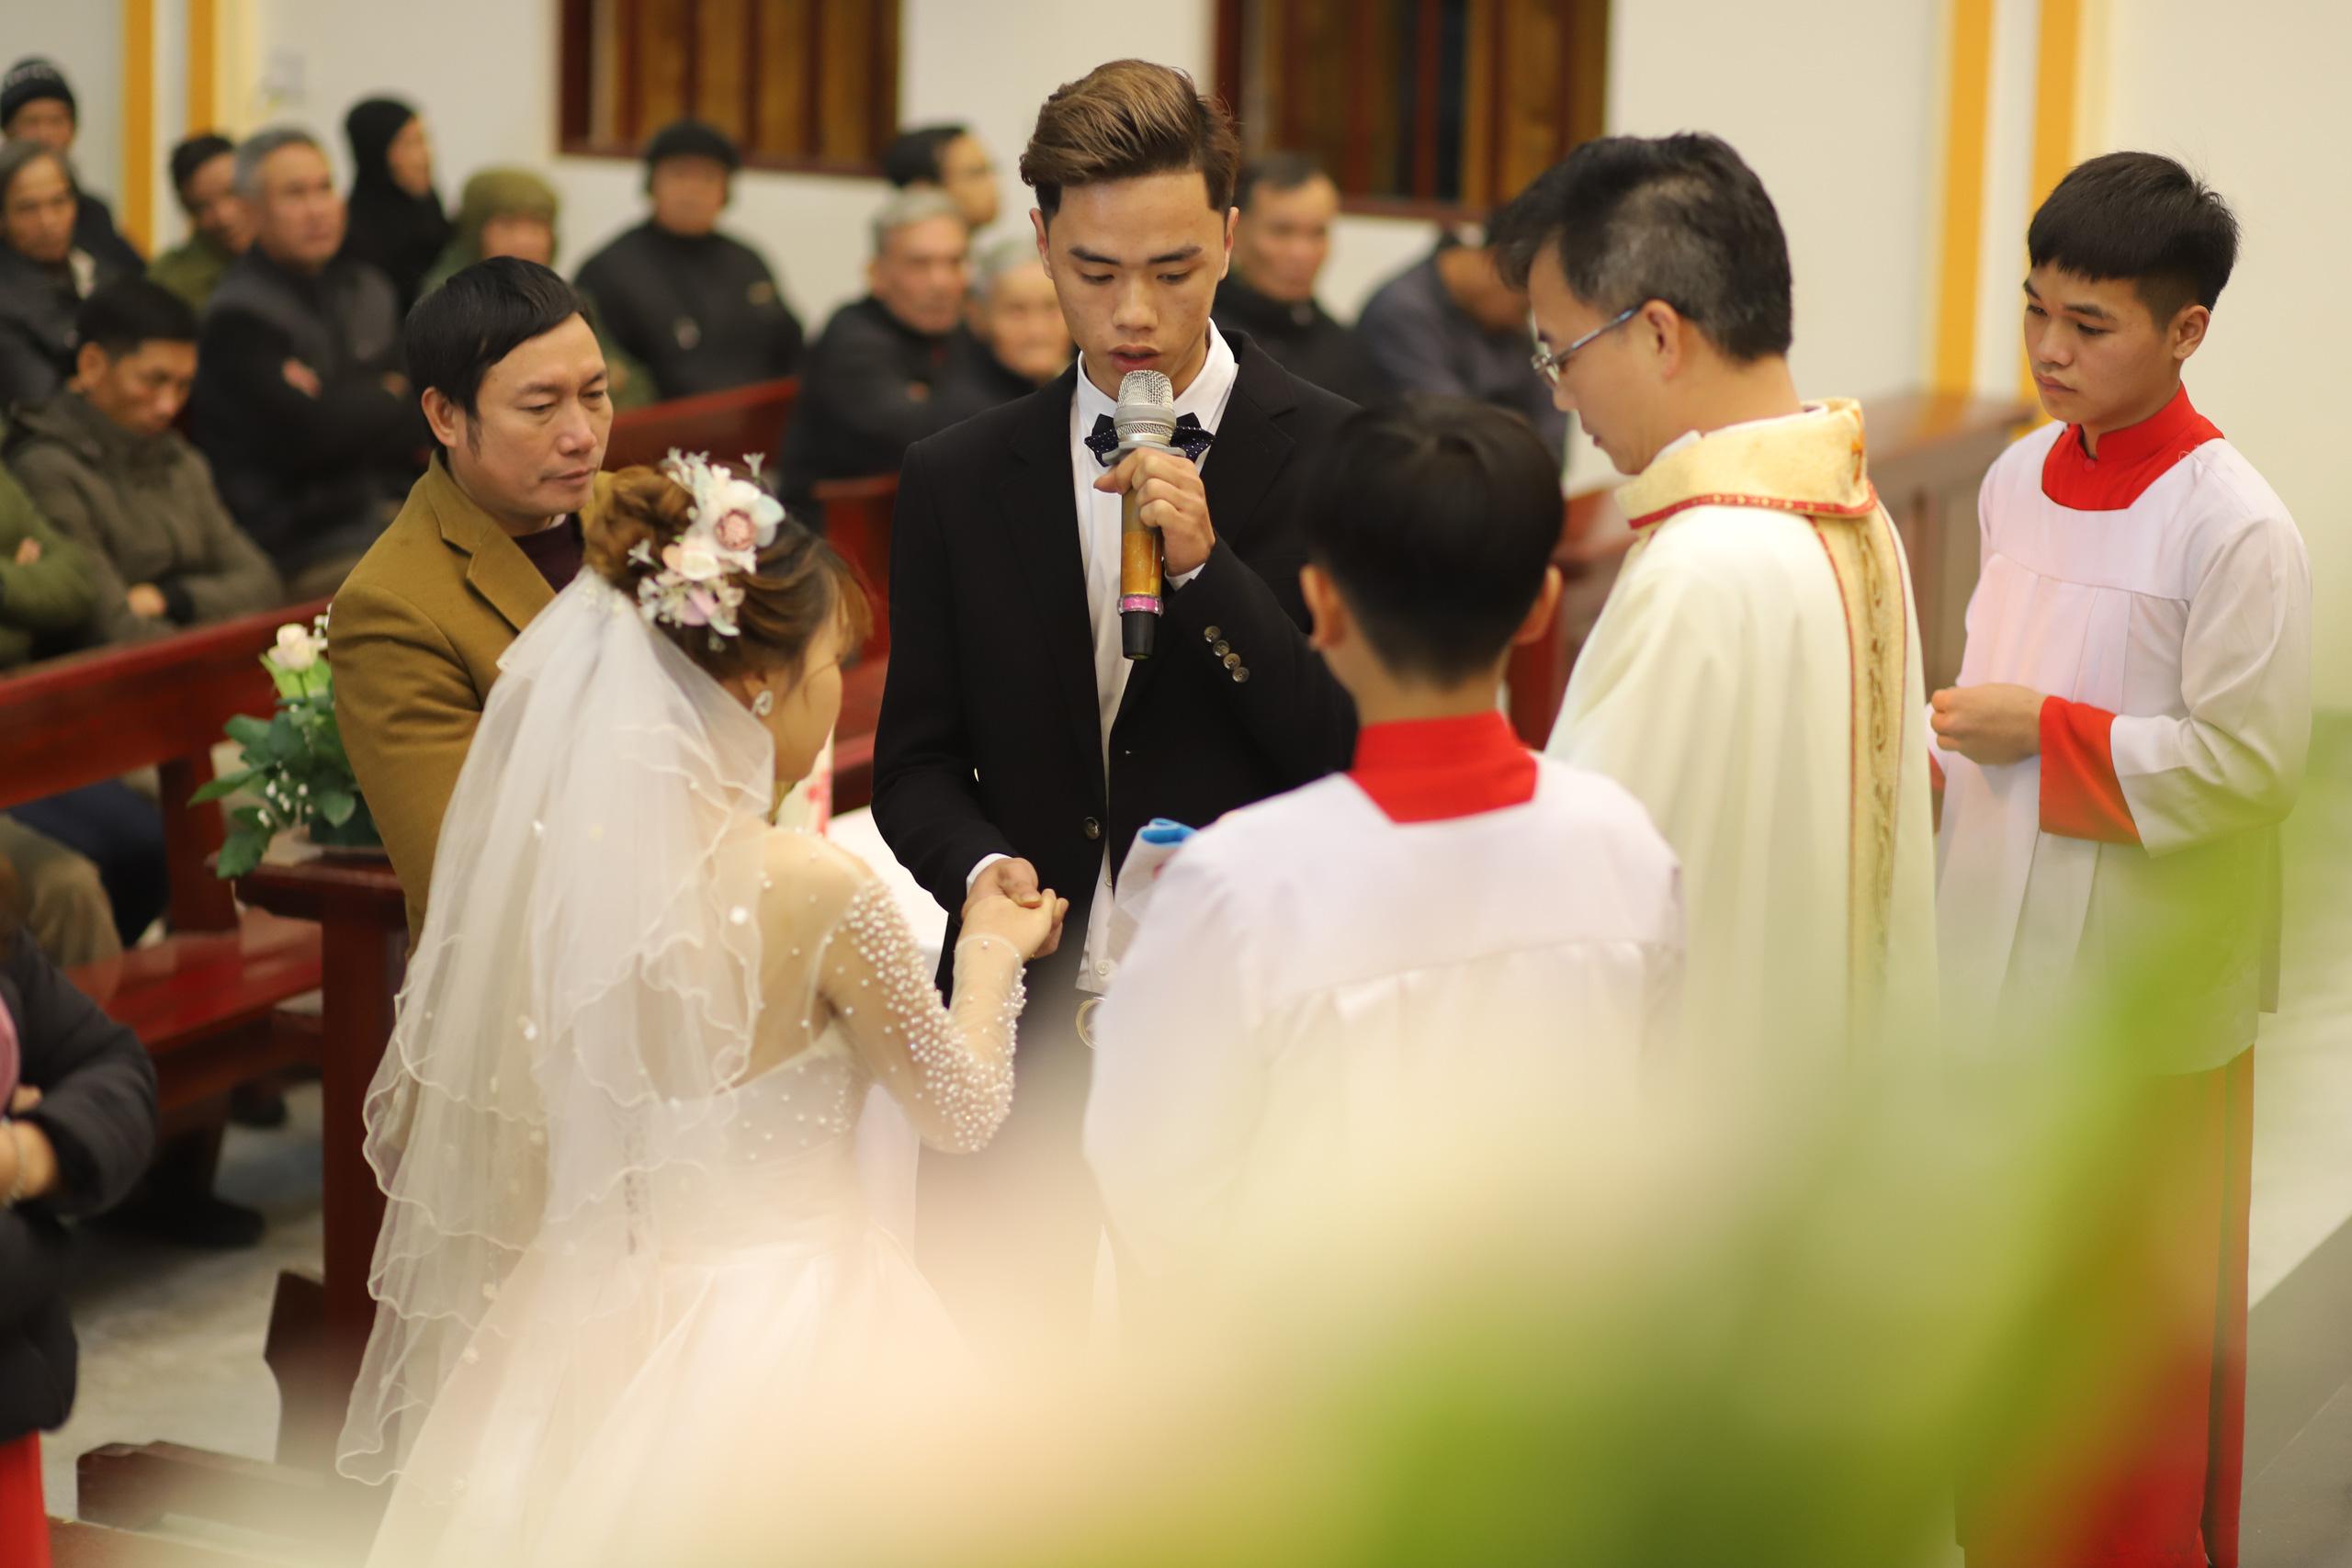 Nét đặc trưng đám cưới người có đạo Thiên Chúa - Ảnh 3.